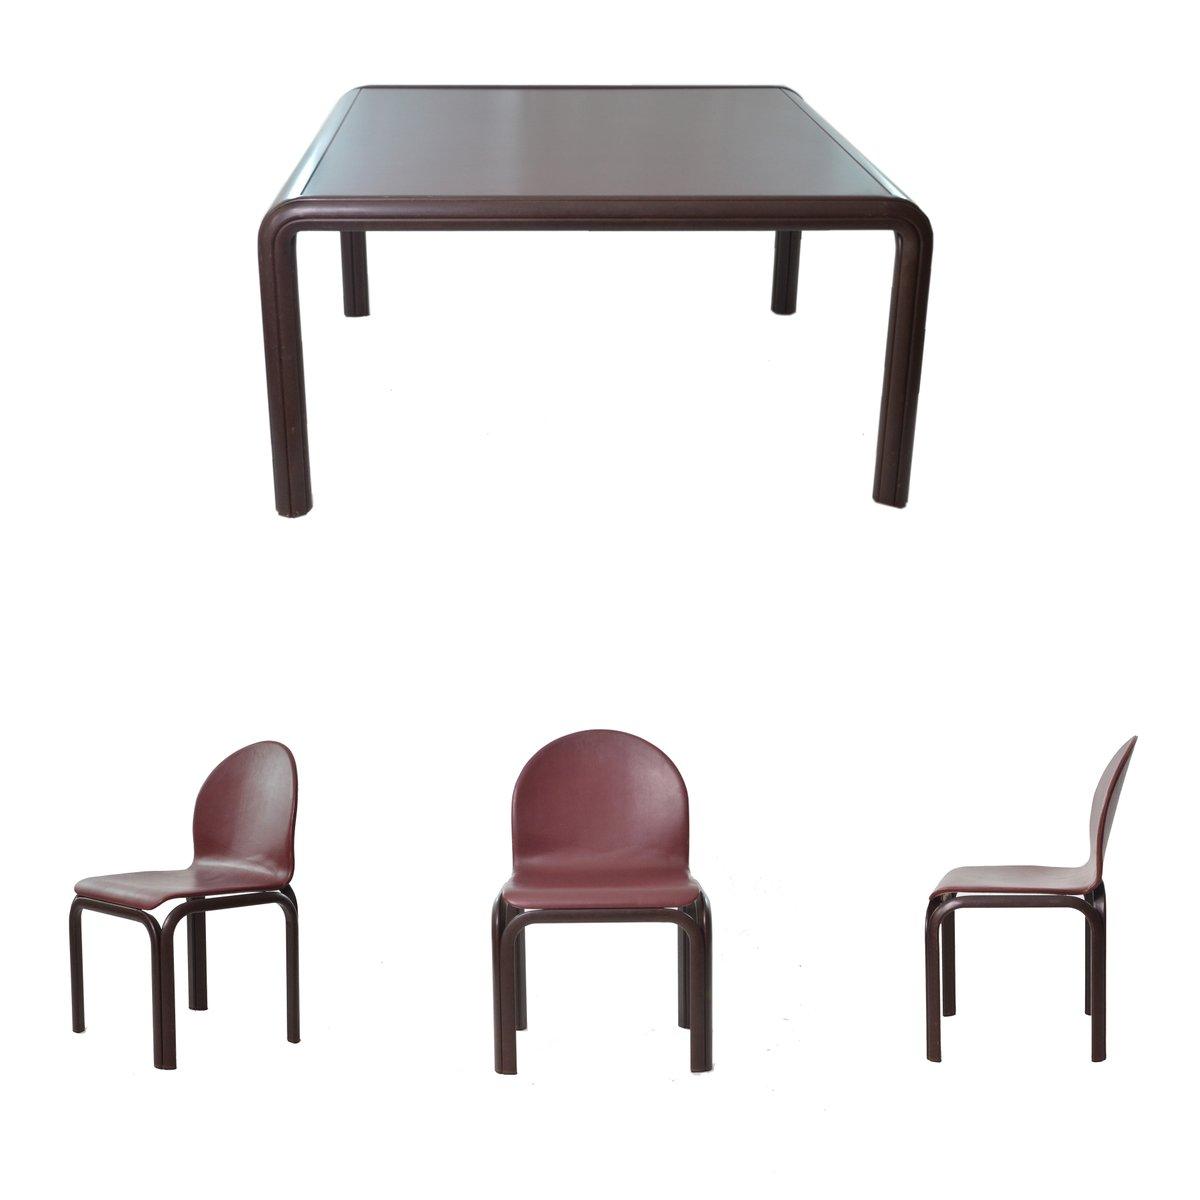 vintage tisch stuhl set von gae aulenti f r knoll inc 1970er bei pamono kaufen. Black Bedroom Furniture Sets. Home Design Ideas